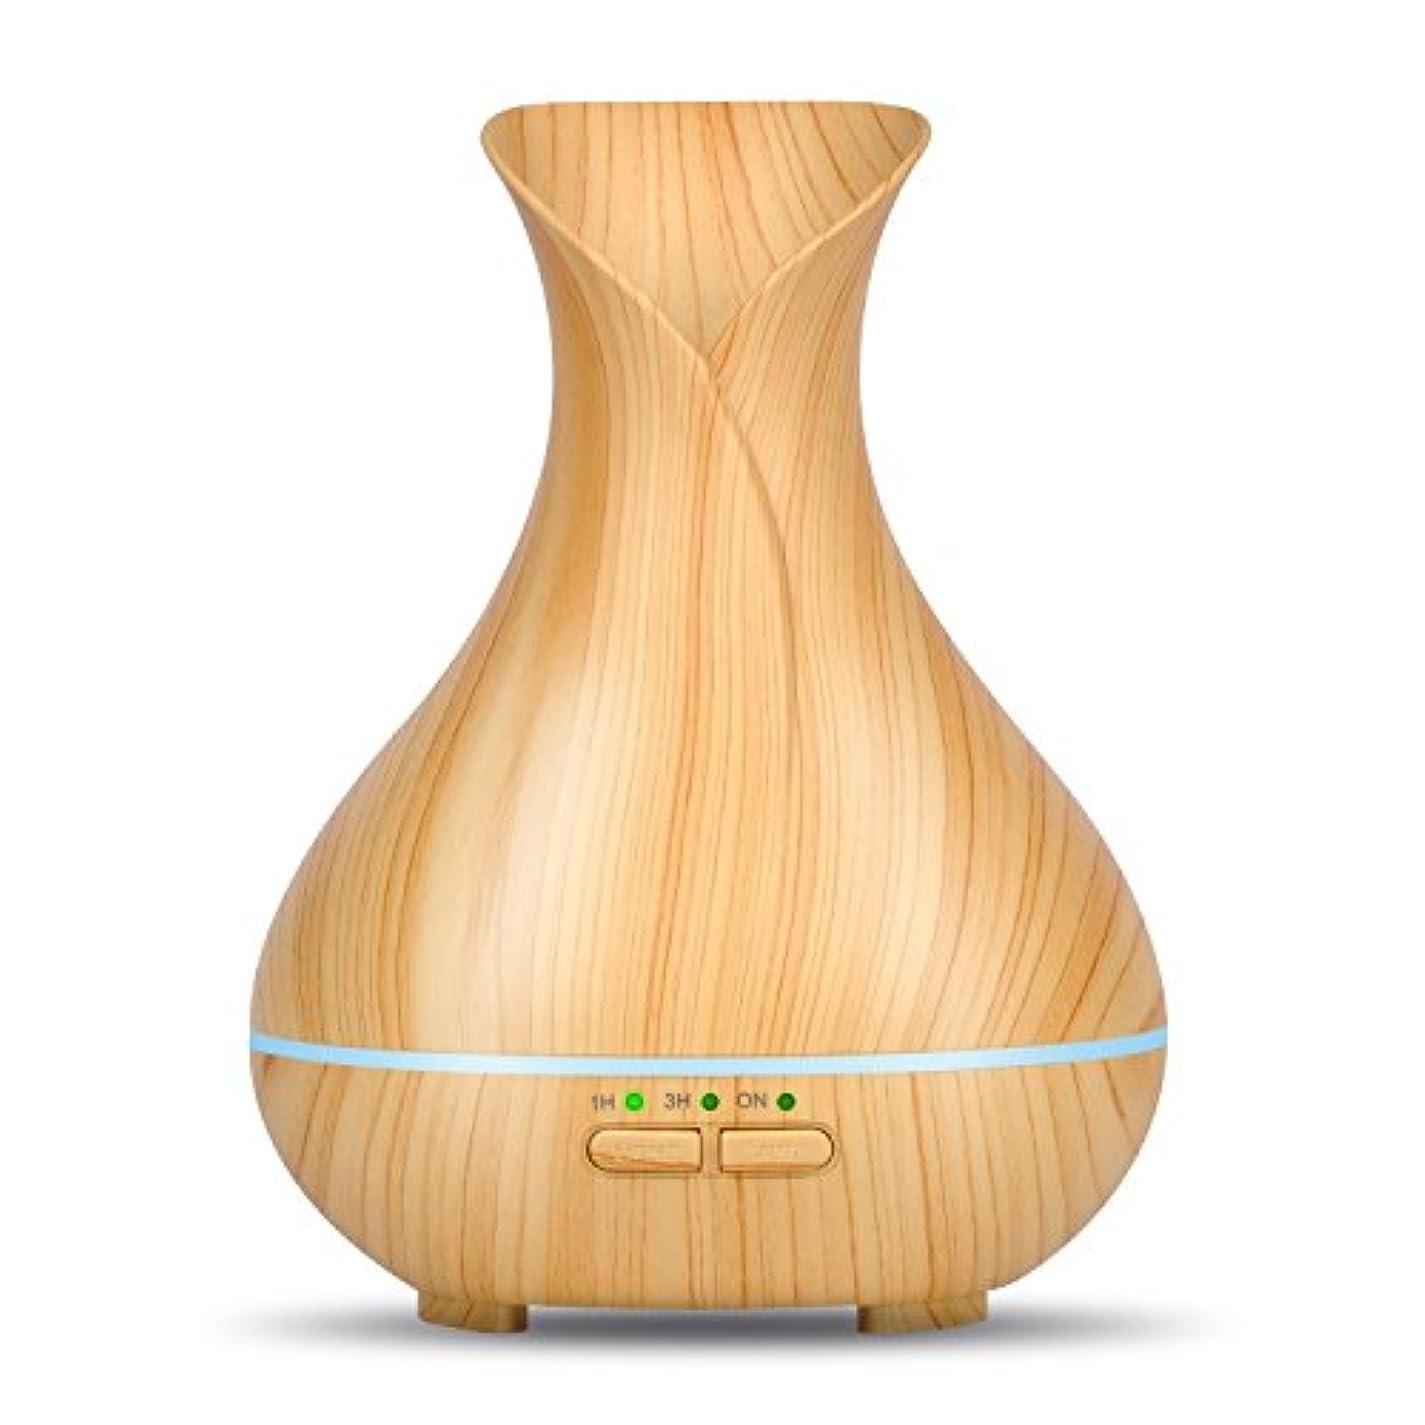 ショップ重量元気olivetechアロマエッセンシャルオイルアロマセラピーディフューザー、木目超音波クールなミスト加湿器で7色変更LEDライトとWaterless自動遮断forホームオフィス寝室赤ちゃん 150ml OTXX8008